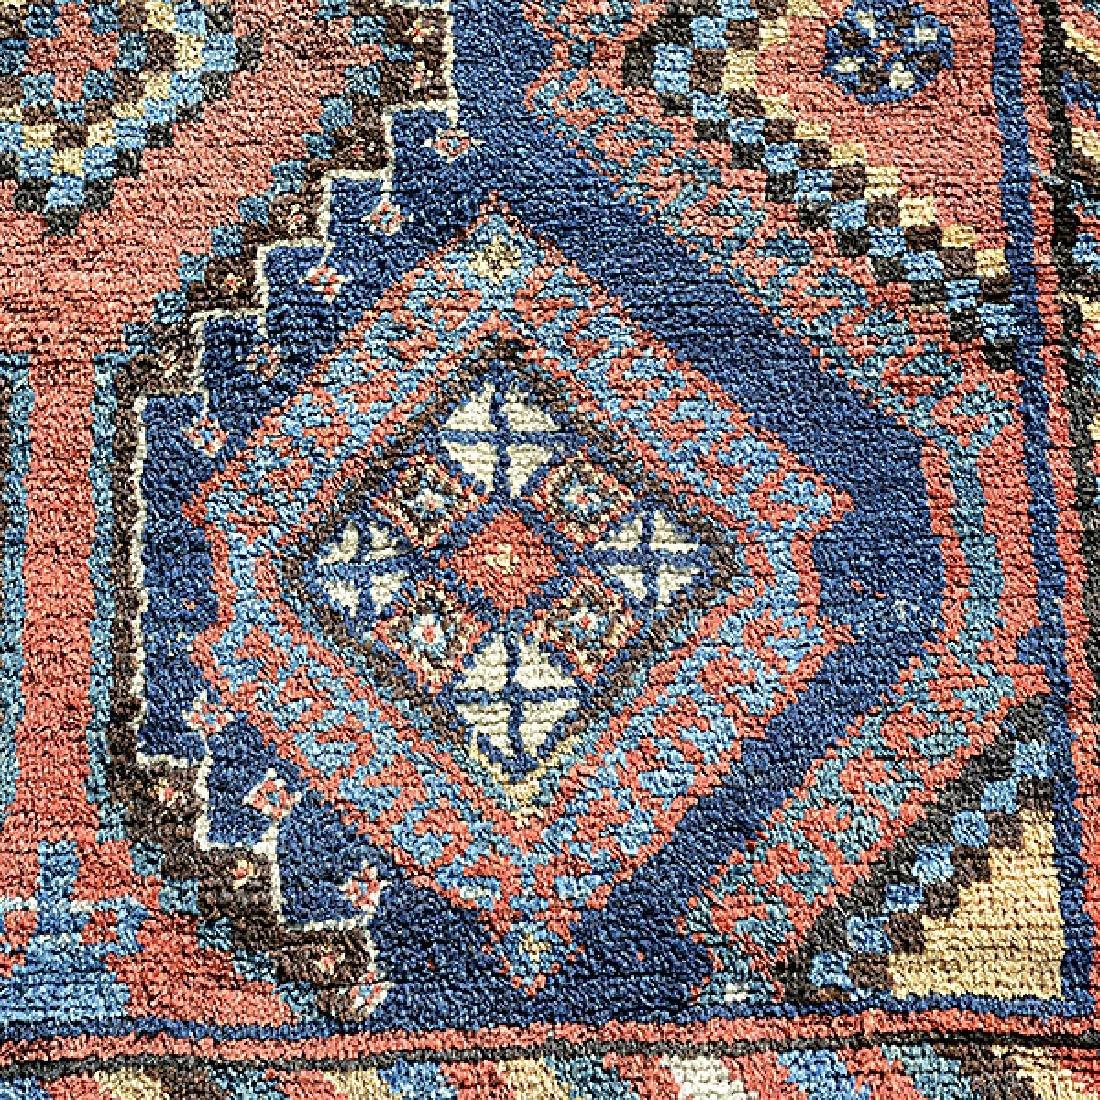 Caucasian Rug in a Geometric: 4 feet 8 inches x 7 feet - 4